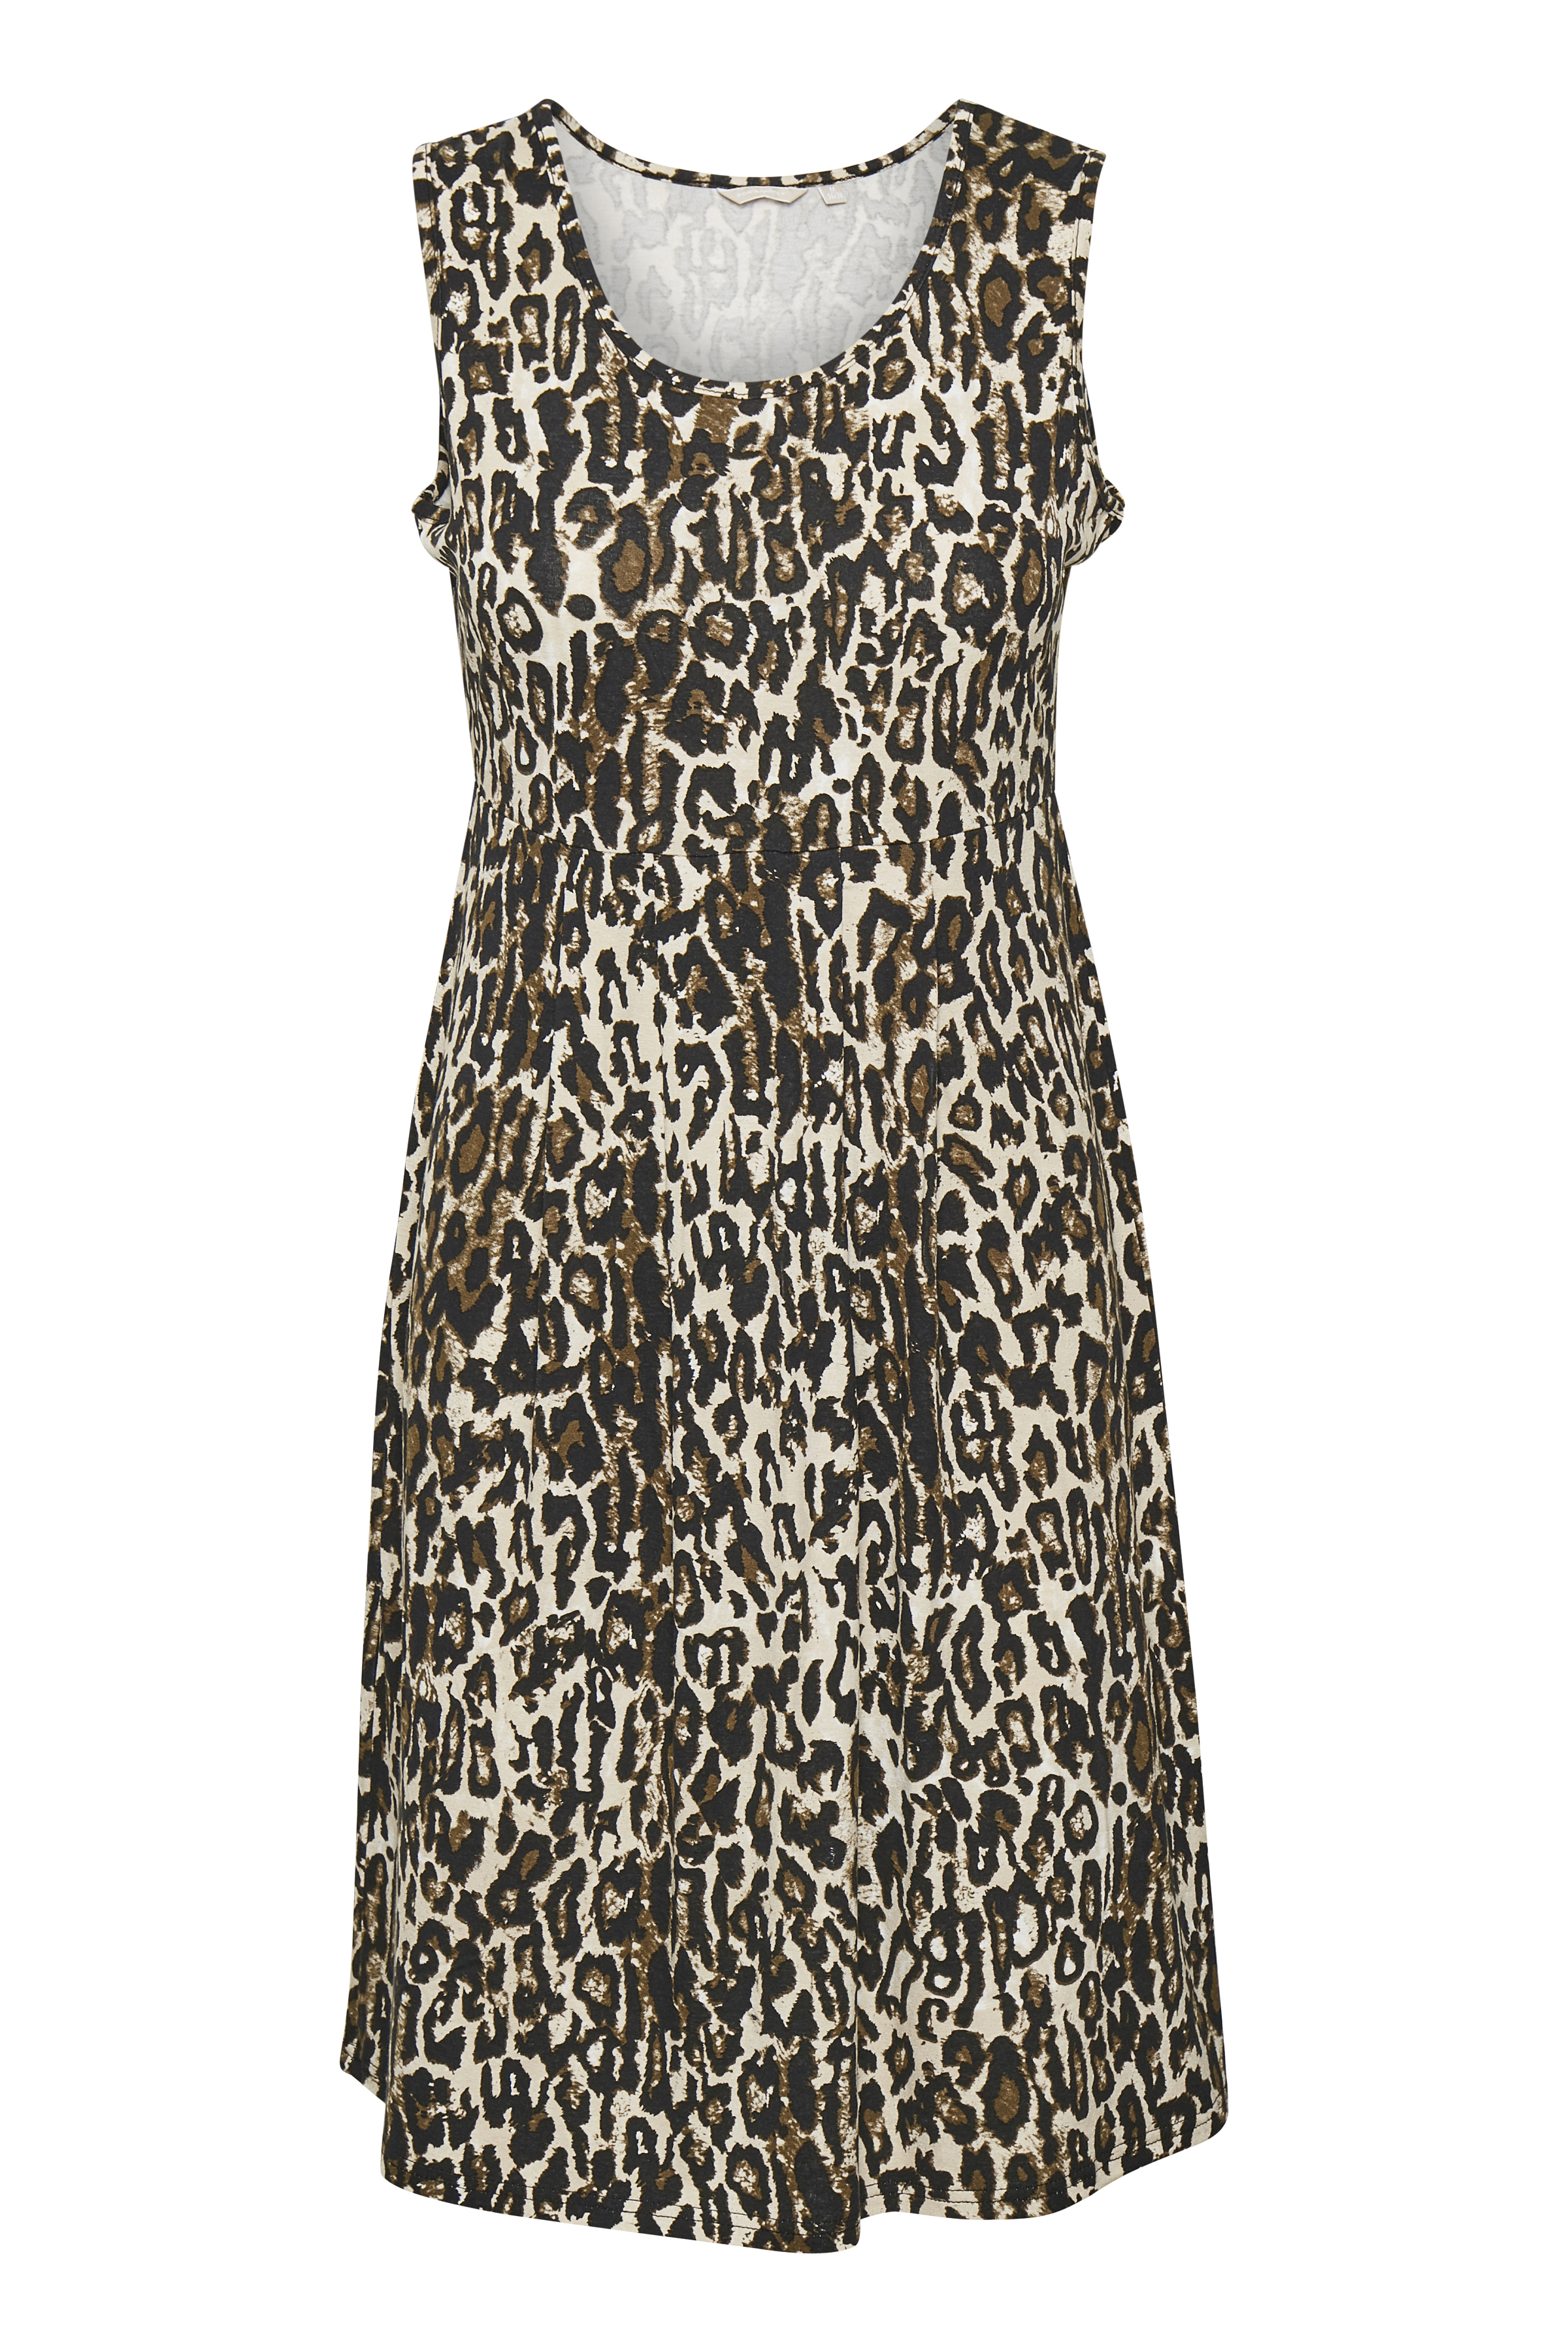 Dunkelsand/schwarz Kleid von Bon'A Parte – Shoppen Sie Dunkelsand/schwarz Kleid ab Gr. S-2XL hier